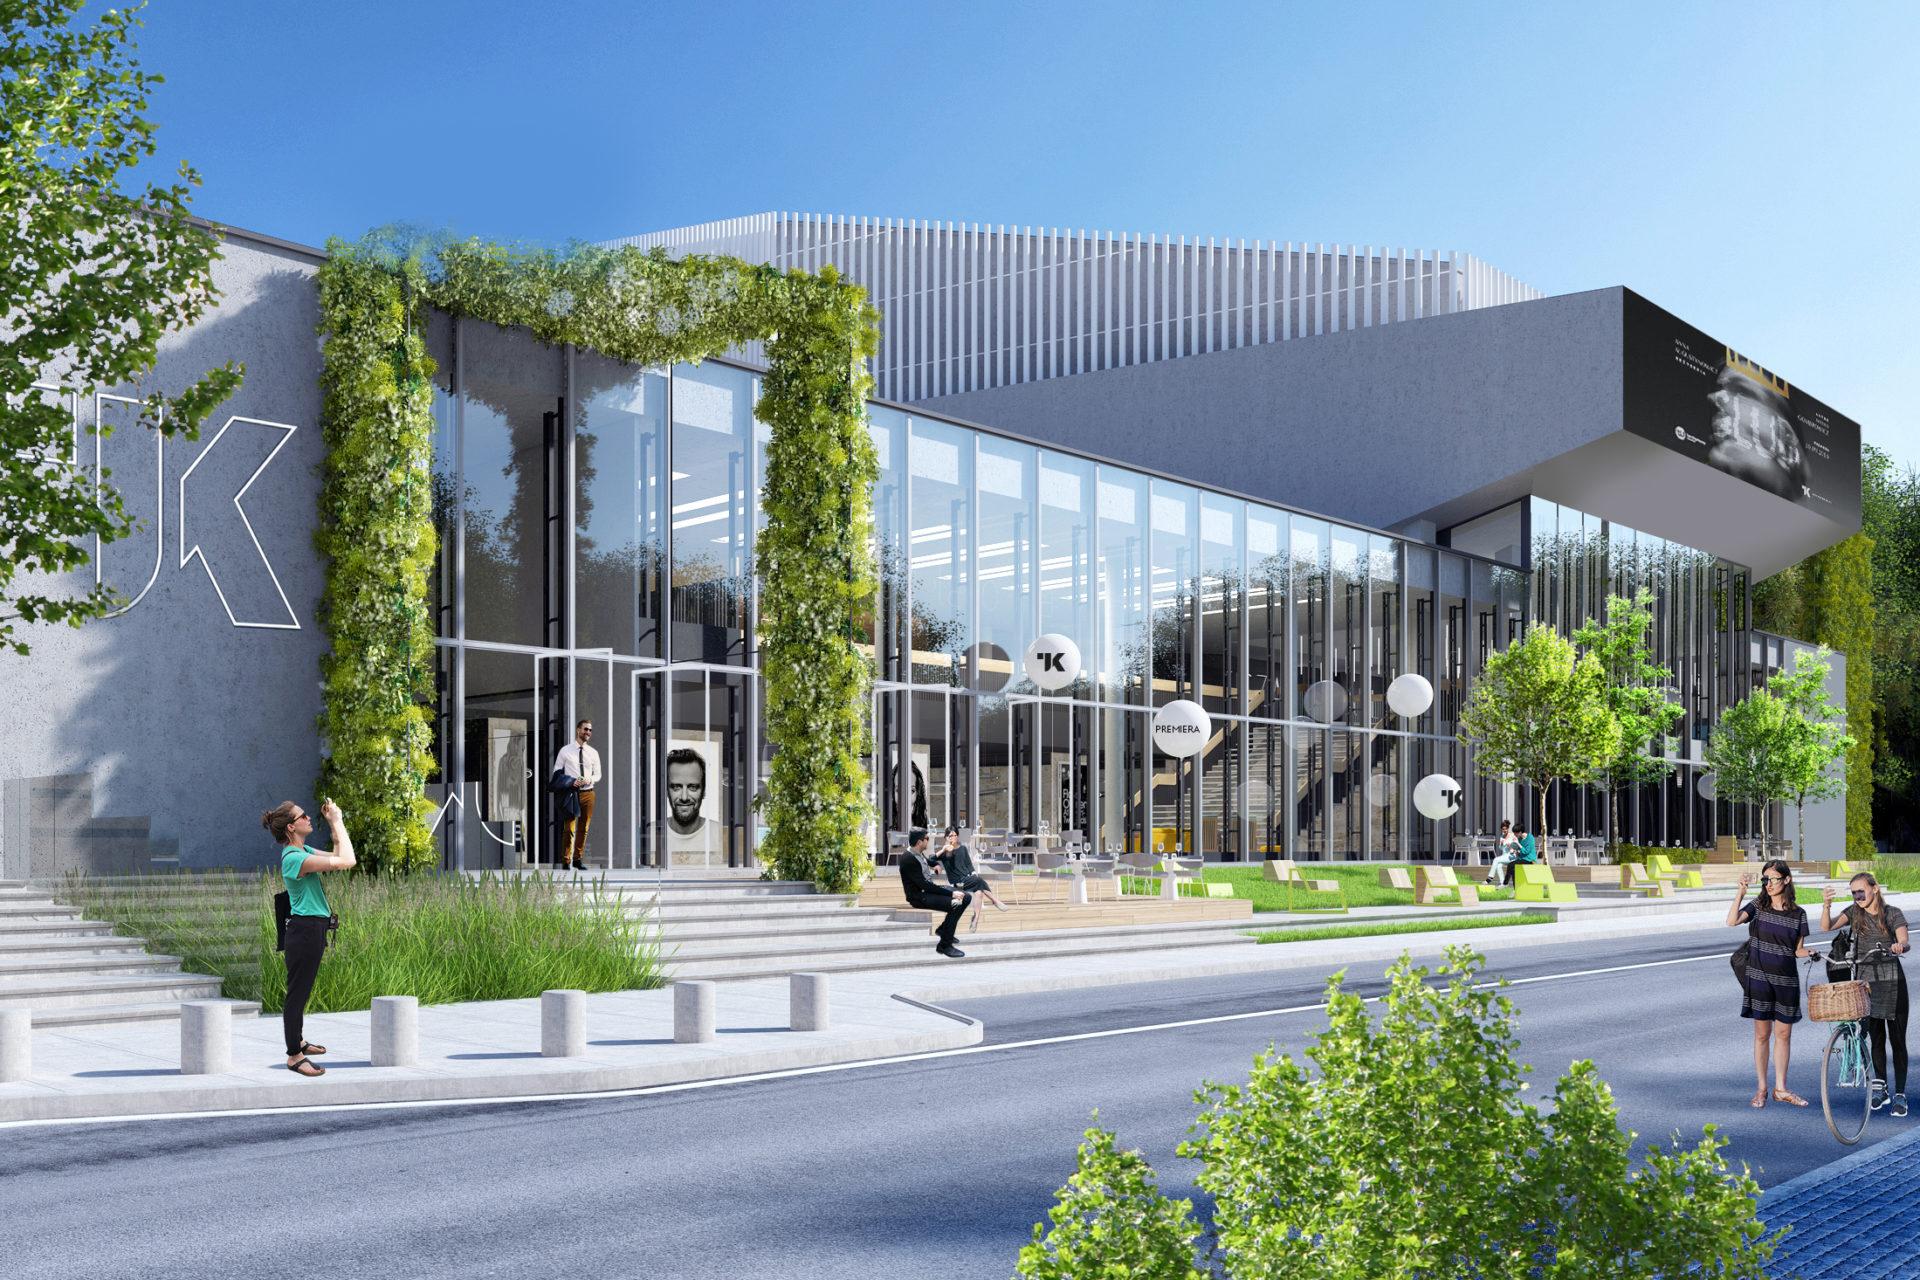 Przebudowa uwzględnia również powstanie Centrum Edukacji Kulturalnej. Ponad połowa kosztów projektu jest finansowana przez środki unijne.